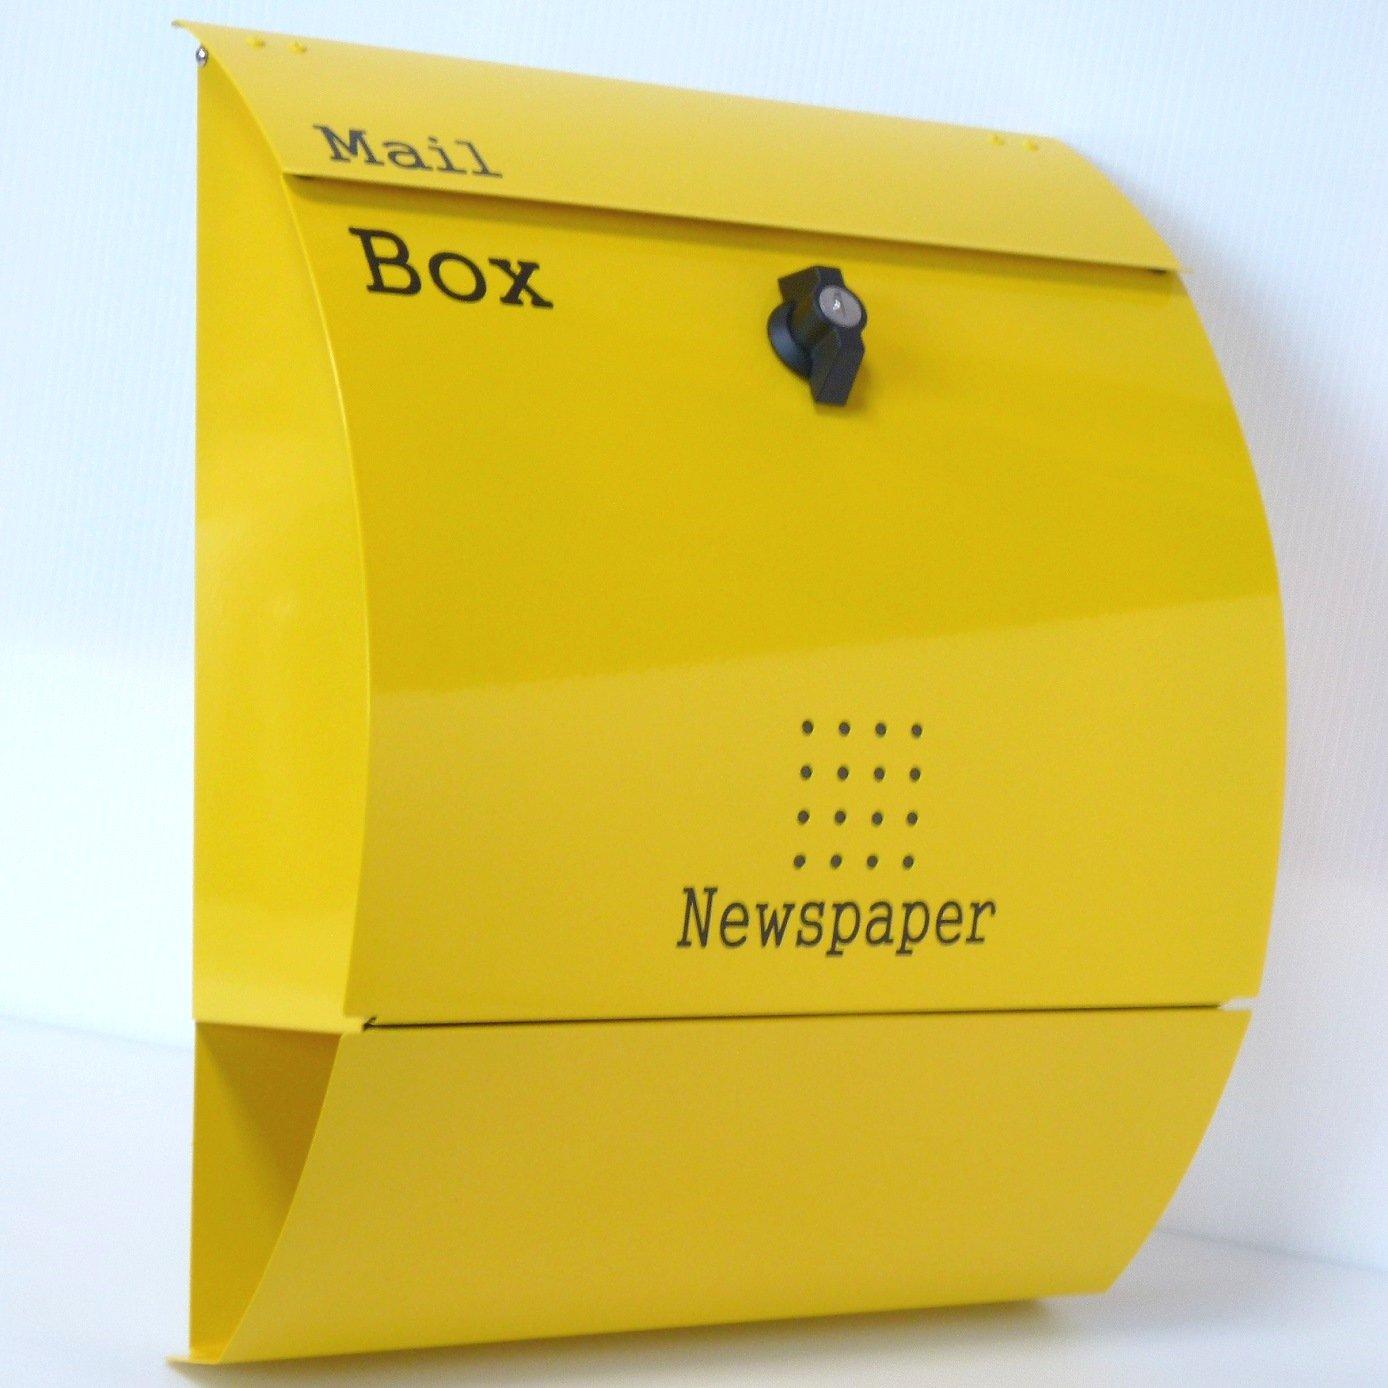 郵便ポスト郵便受け北欧風大型メールボックス 壁掛けプレミアムステンレスイエロー黄色ポストpm031 B018NNWFI0 12880